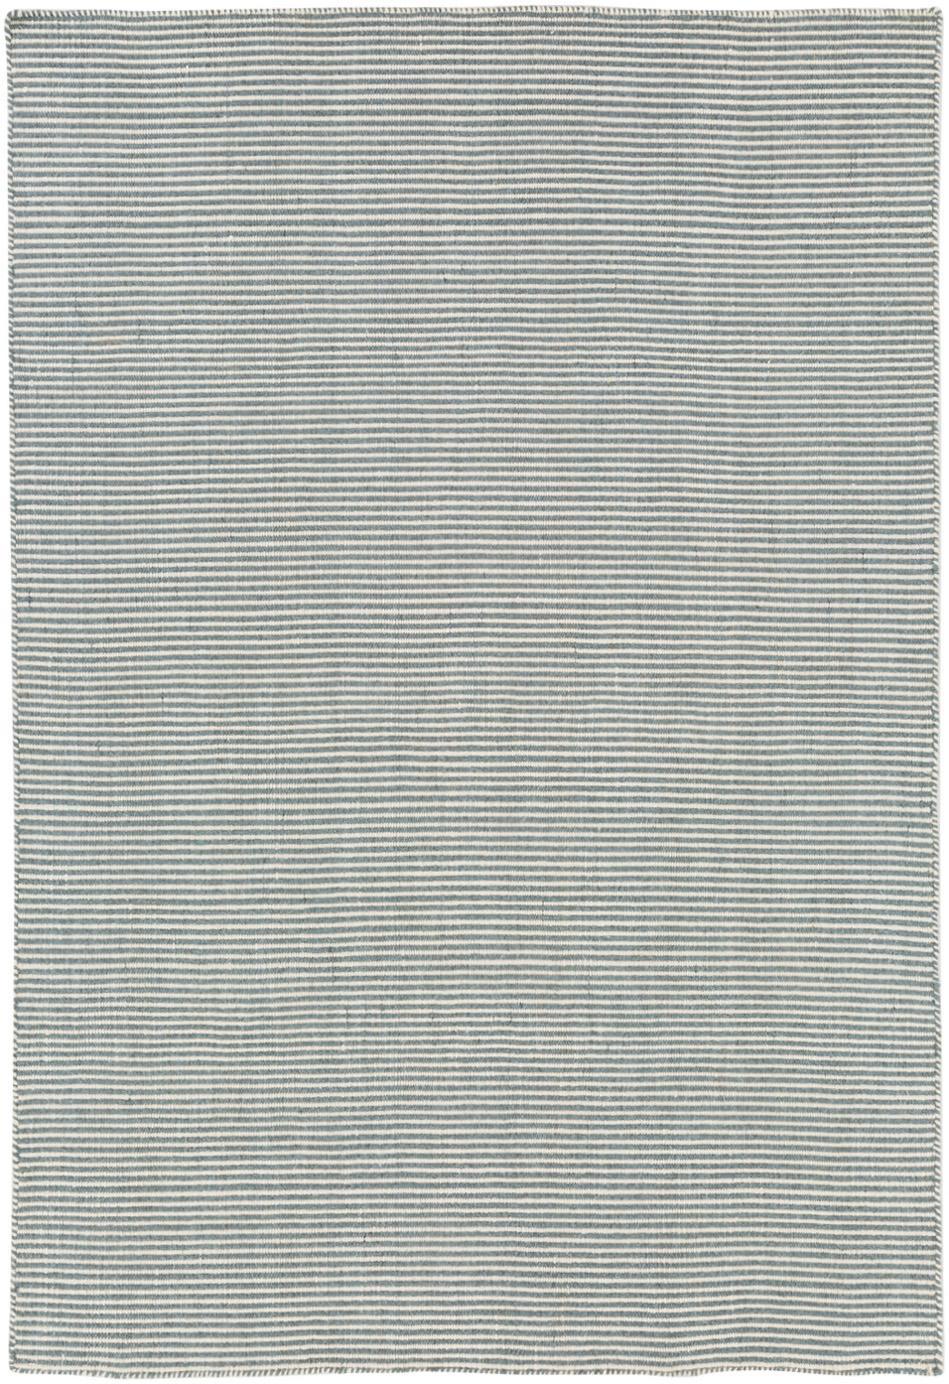 Fijn gestreepte wollen vloerkleed Ajo in blauw-crèmekleur, handgeweven, Grijsblauw, crèmekleurig, 140 x 200 cm